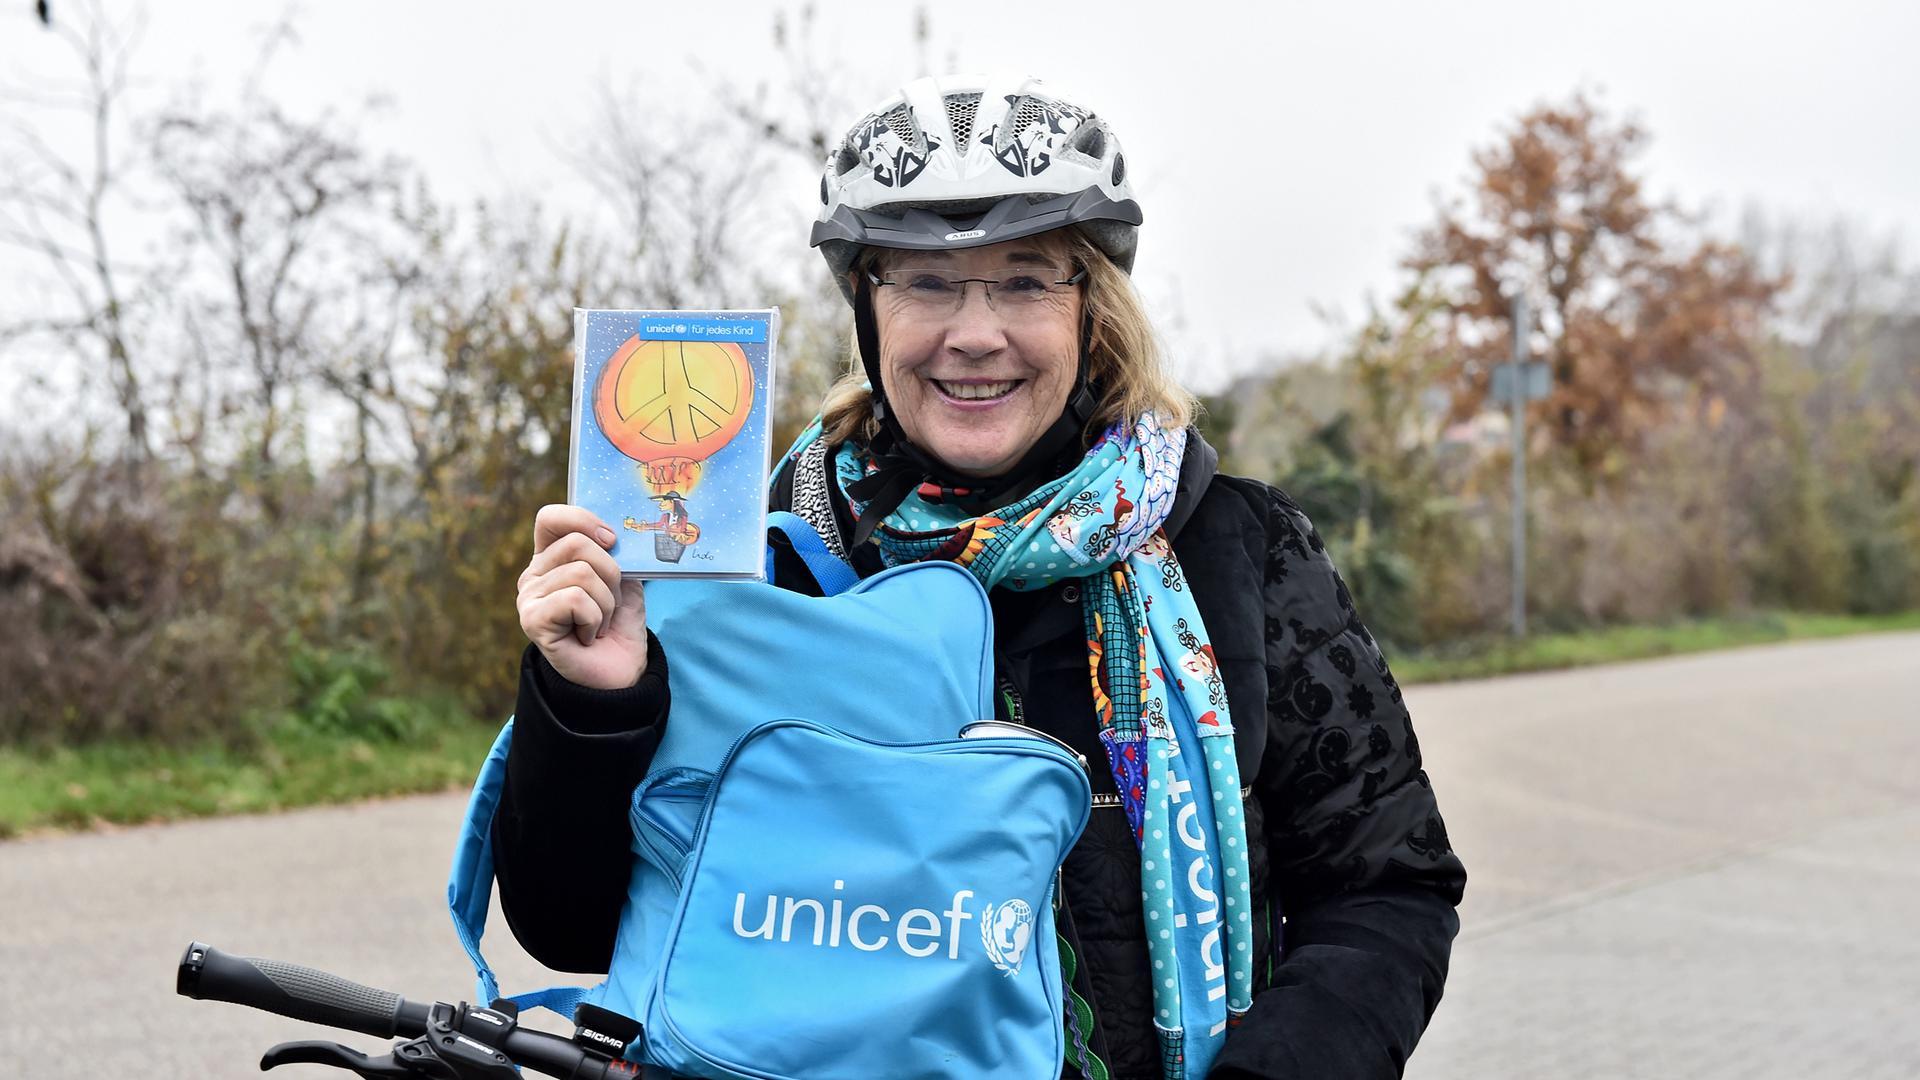 """Ursula Grass liefert als eine """"Blaue Radlerin"""" Unicef-Grußkarten nach Hause."""